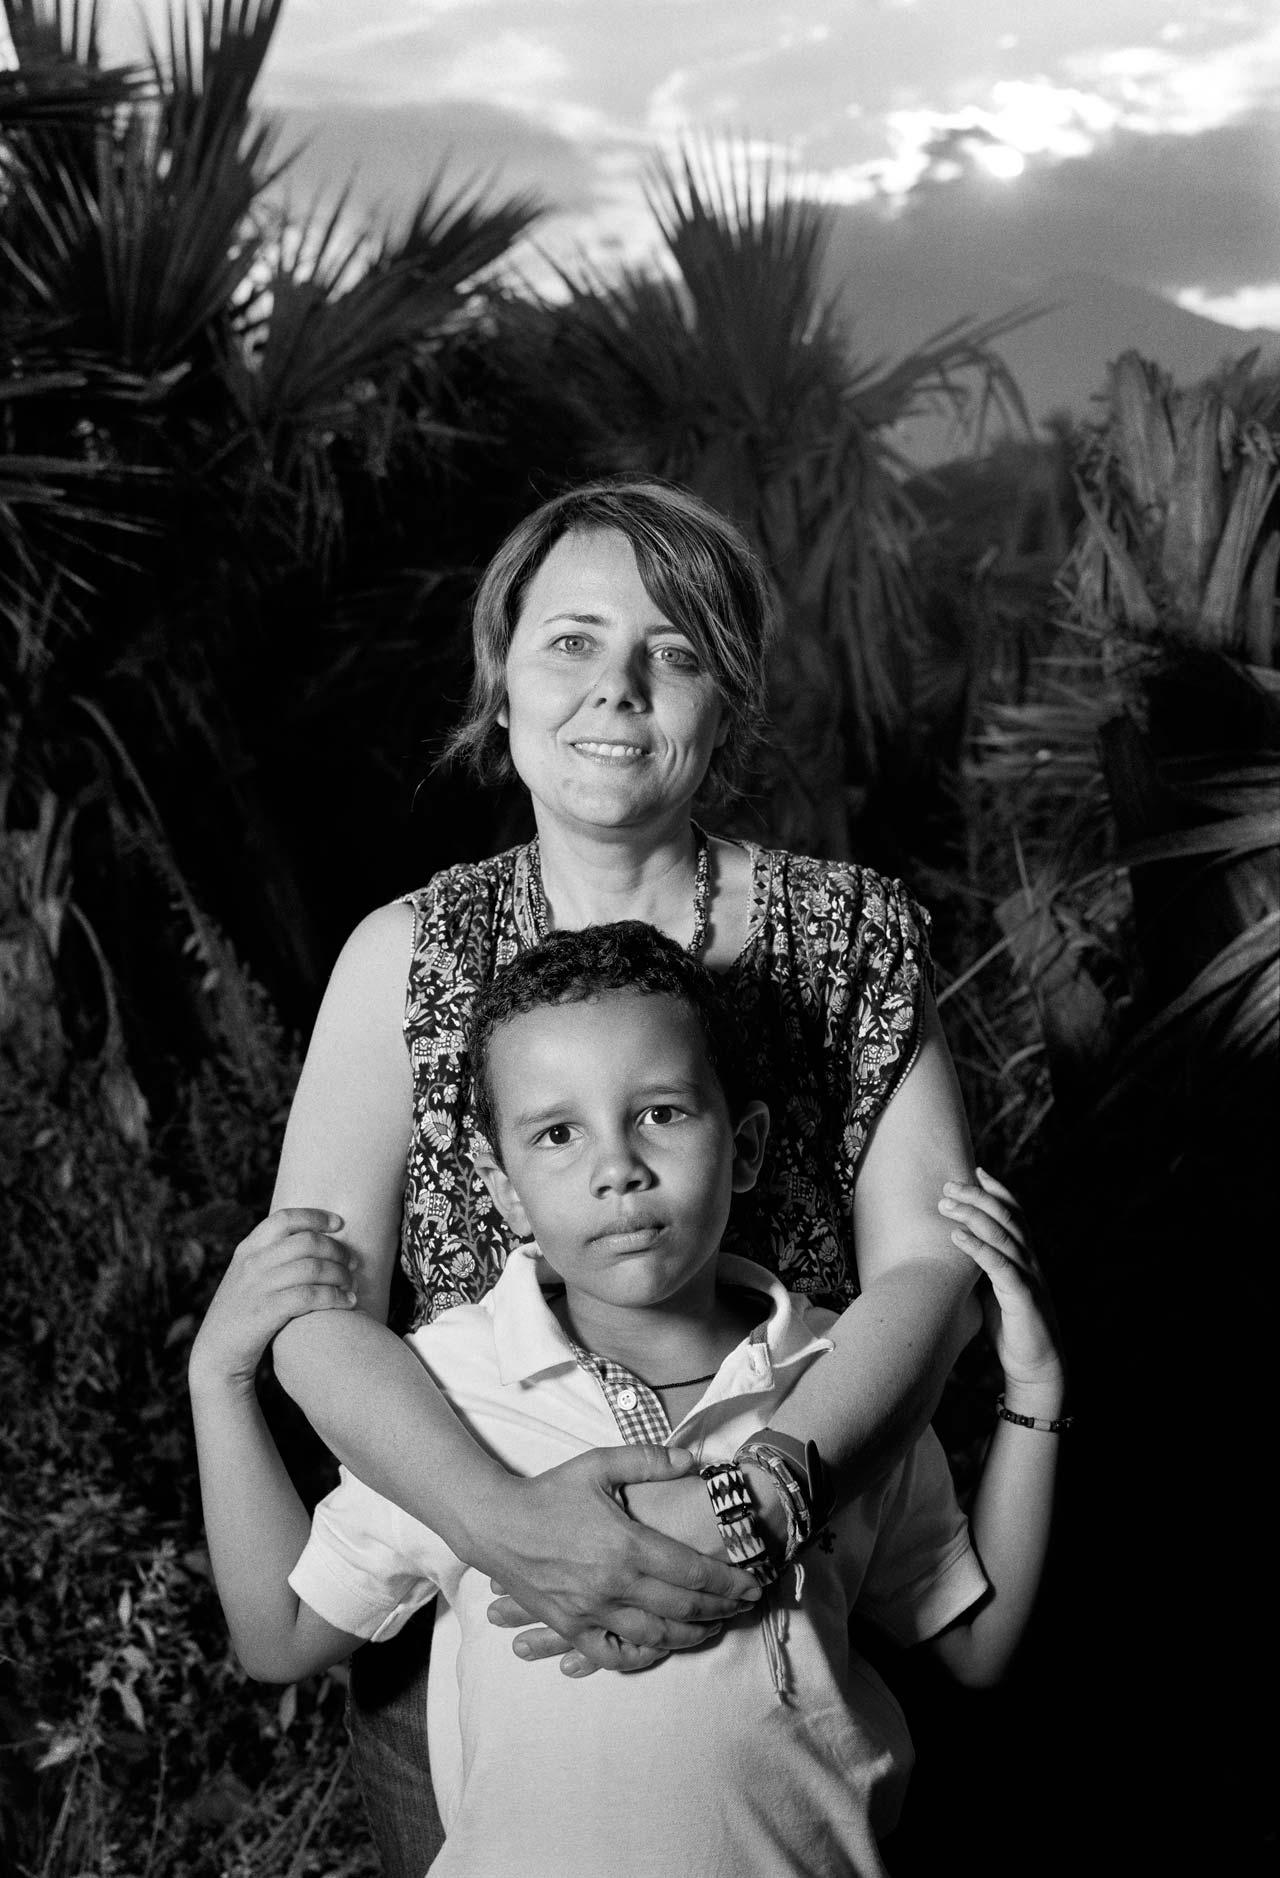 »Seit 10 Monaten habe ich keinen Lohn mehr bekommen. Am Schluss hatten wir nicht einmal mehr Geld für das Essen der Flüchtlinge. Ich frage mich, wohin das viele Geld der EU geflossen ist. Das Ganze ist ein riesiges Geschäft!« – Lella Pennisi, 42, die als Sozialarbeiterin für eine private Hilfsorganisation Geflüchtete aus Nordafrika betreute, mit ihrem Sohn Okada Buluma, 7, Acireale, Sizilien, Italien. Foto: Stefan Enders